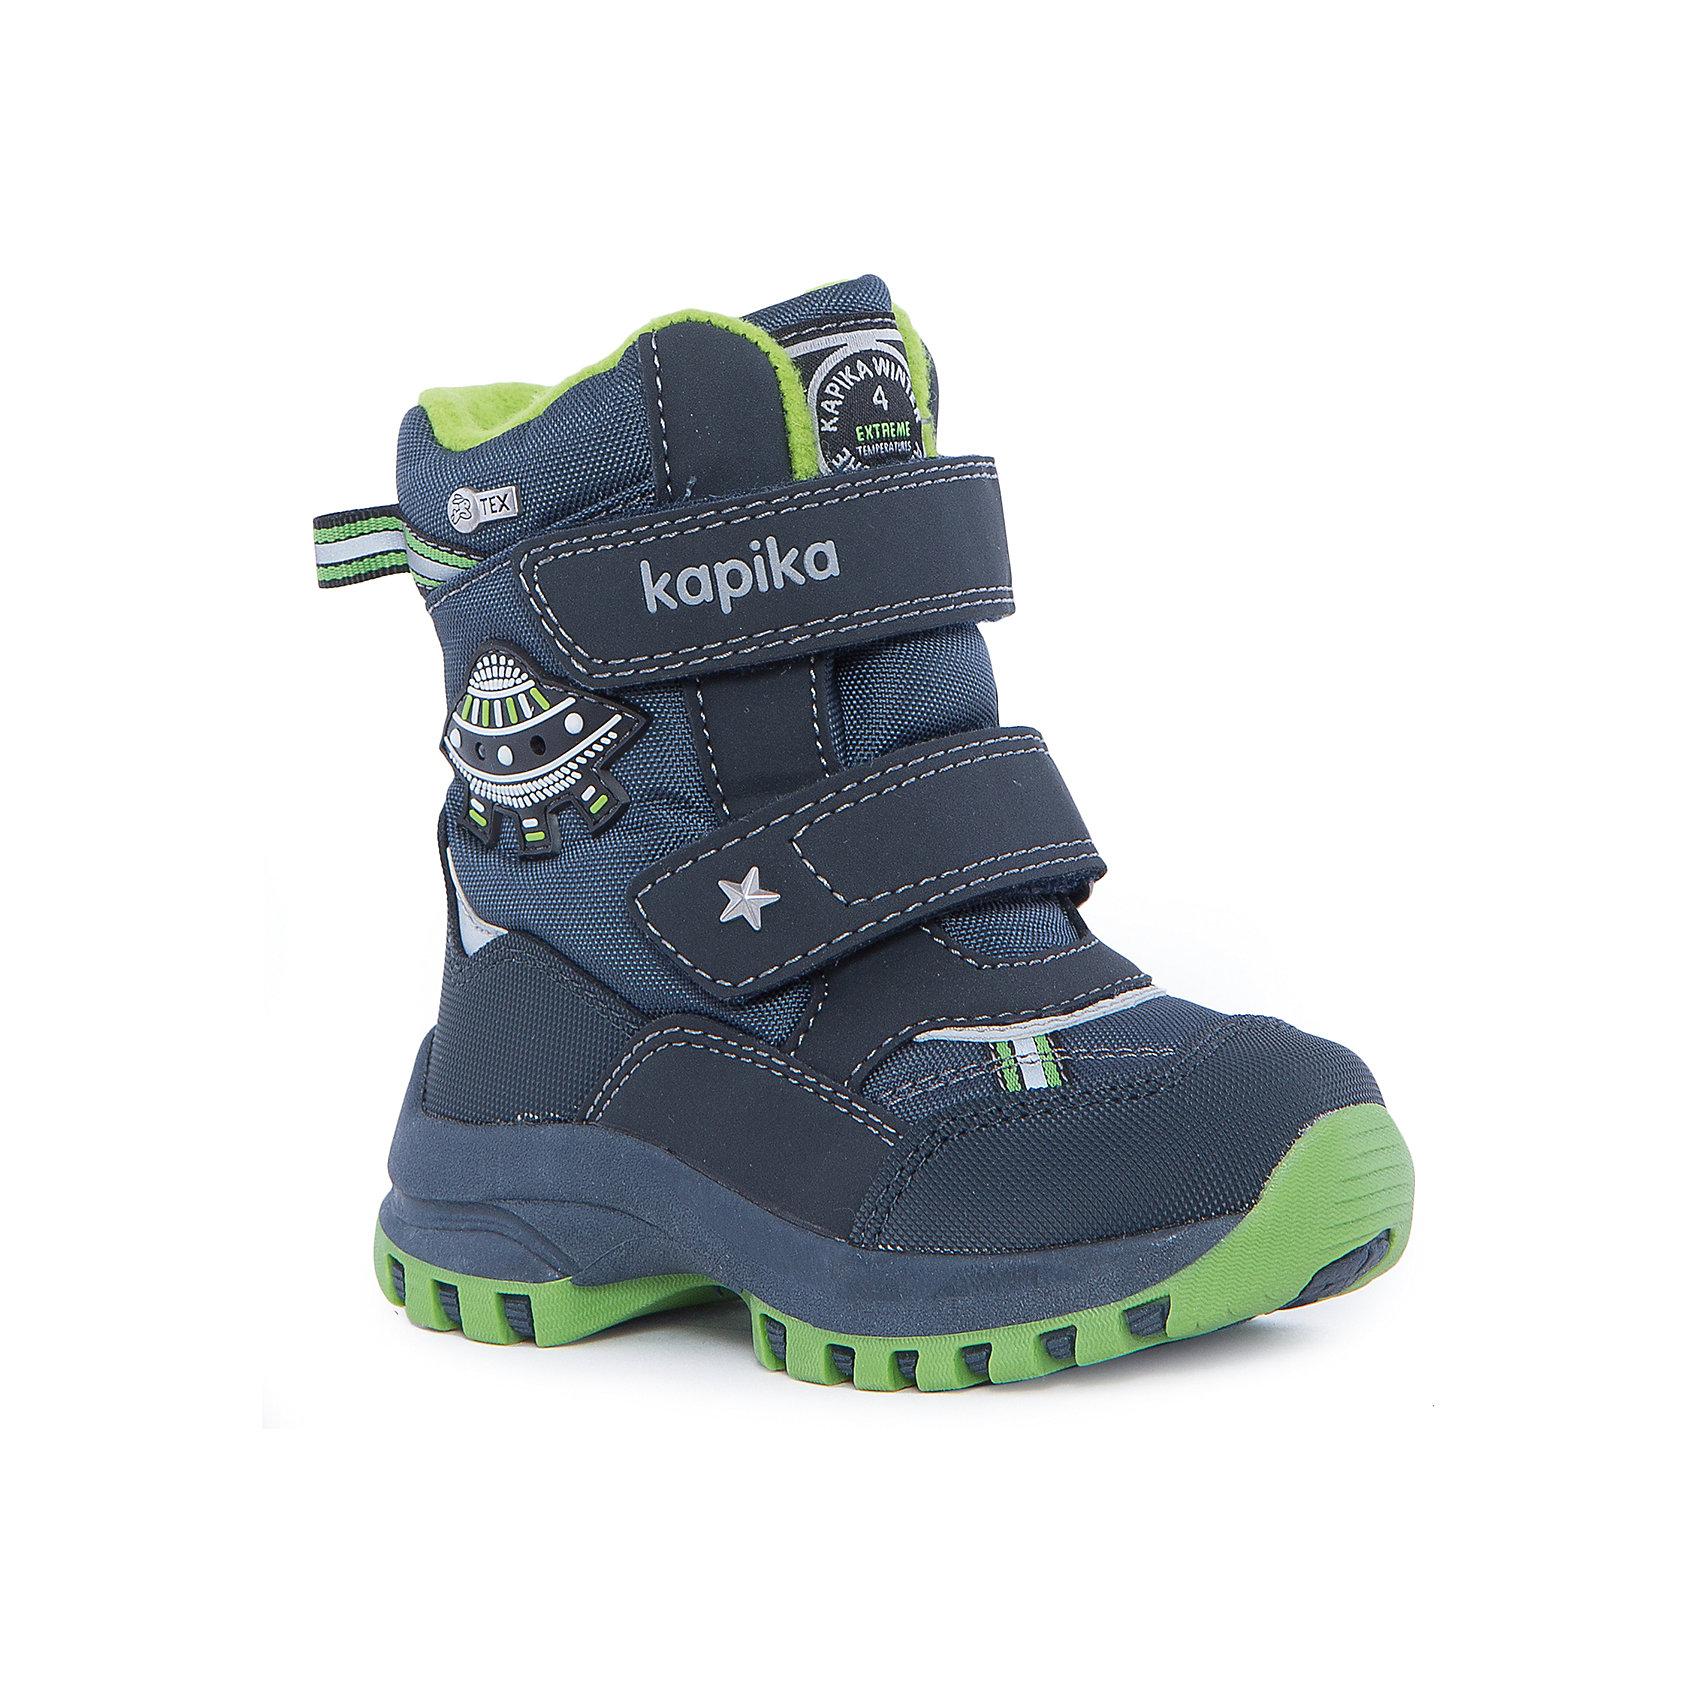 Ботинки для мальчика KAPIKAОбувь для малышей<br>Ботинки для мальчика  KAPIKA.<br><br>Температурный режим: до -20 градусов. Степень утепления – средняя.<br><br>* Температурный режим указан приблизительно — необходимо, прежде всего, ориентироваться на ощущения ребенка. <br><br>Ботинки не только красивые снаружи, но и тёплые внутри. С ними прогулки вашего малыша станут еще интереснее и удобнее,ведь они не будут натирать ножки и позволят ребёнку двигаться без ограничений. Подарите вашему малышу незабываемые зимние прогулки. <br><br>Характеристика:<br>-Цвет: синий+зелёный<br>-Материал: снаружи- текстиль + искусственная кожа,                     подкладка:текстиль(шерсть 80%)<br>-Застёжка: две липучки<br>-Бренд: KAPIKA(КАПИКА)<br>-Сезон: осень-зима<br><br>Ботинки  для мальчика KAPIKA  вы можете приобрести в нашем интернет- магазине.<br><br>Ширина мм: 262<br>Глубина мм: 176<br>Высота мм: 97<br>Вес г: 427<br>Цвет: синий/зеленый<br>Возраст от месяцев: 18<br>Возраст до месяцев: 21<br>Пол: Мужской<br>Возраст: Детский<br>Размер: 23,27,24,25,26<br>SKU: 4987833